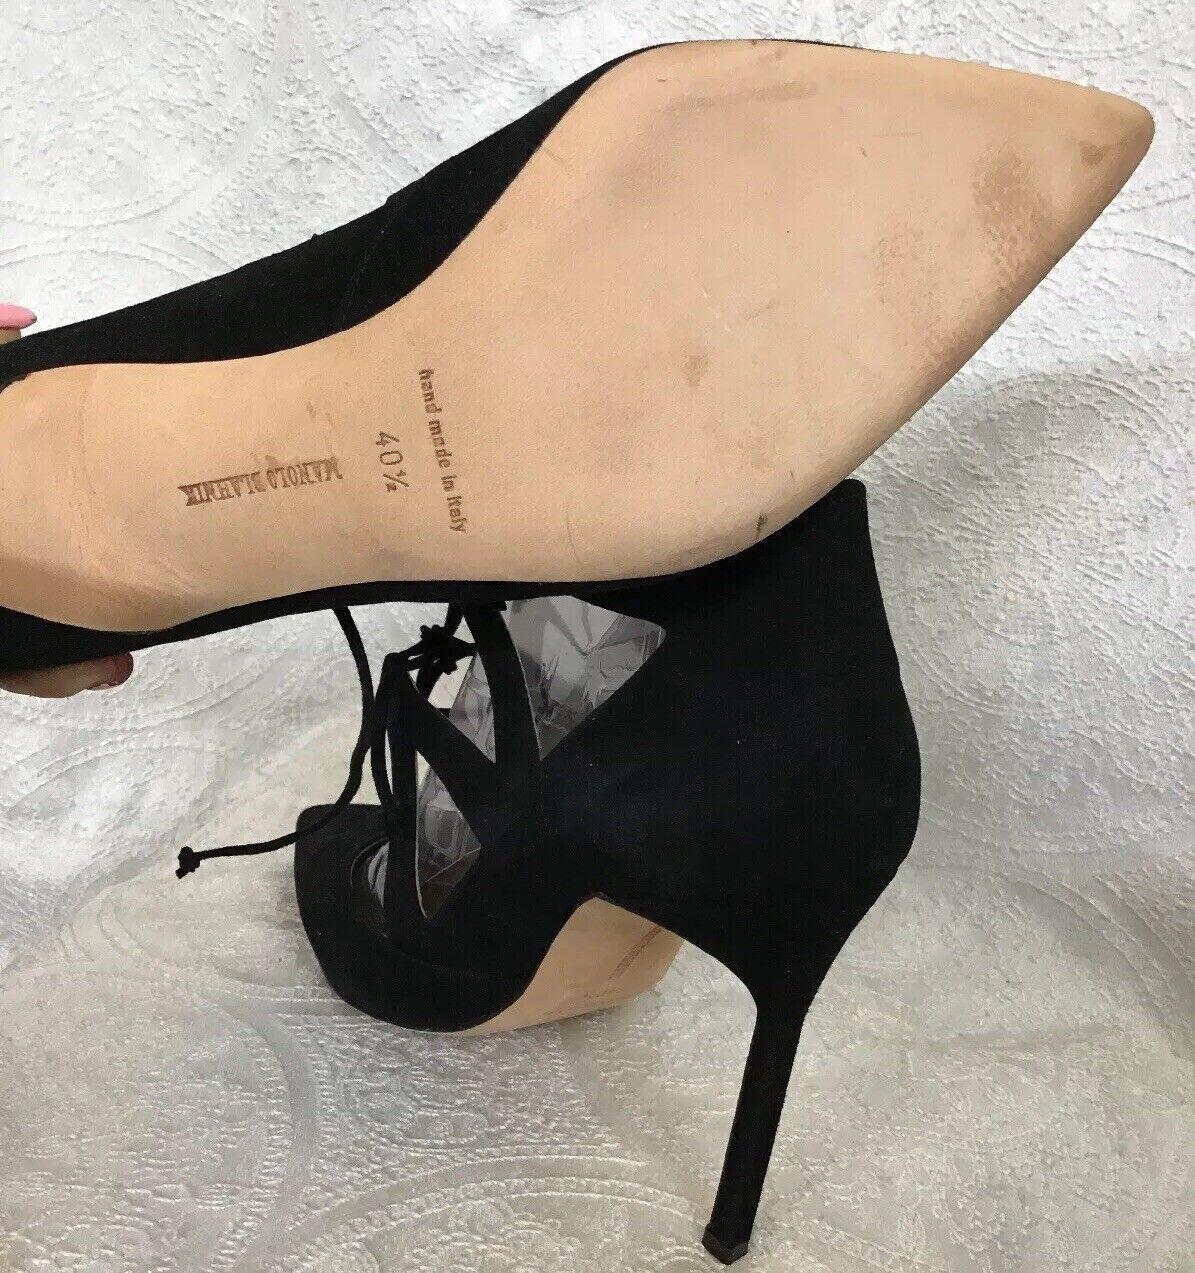 Manolo Blahnik Chaussures en en en daim noir à lacets devant Bout pointu pompe taille 40 1 2 NEUF 03a829